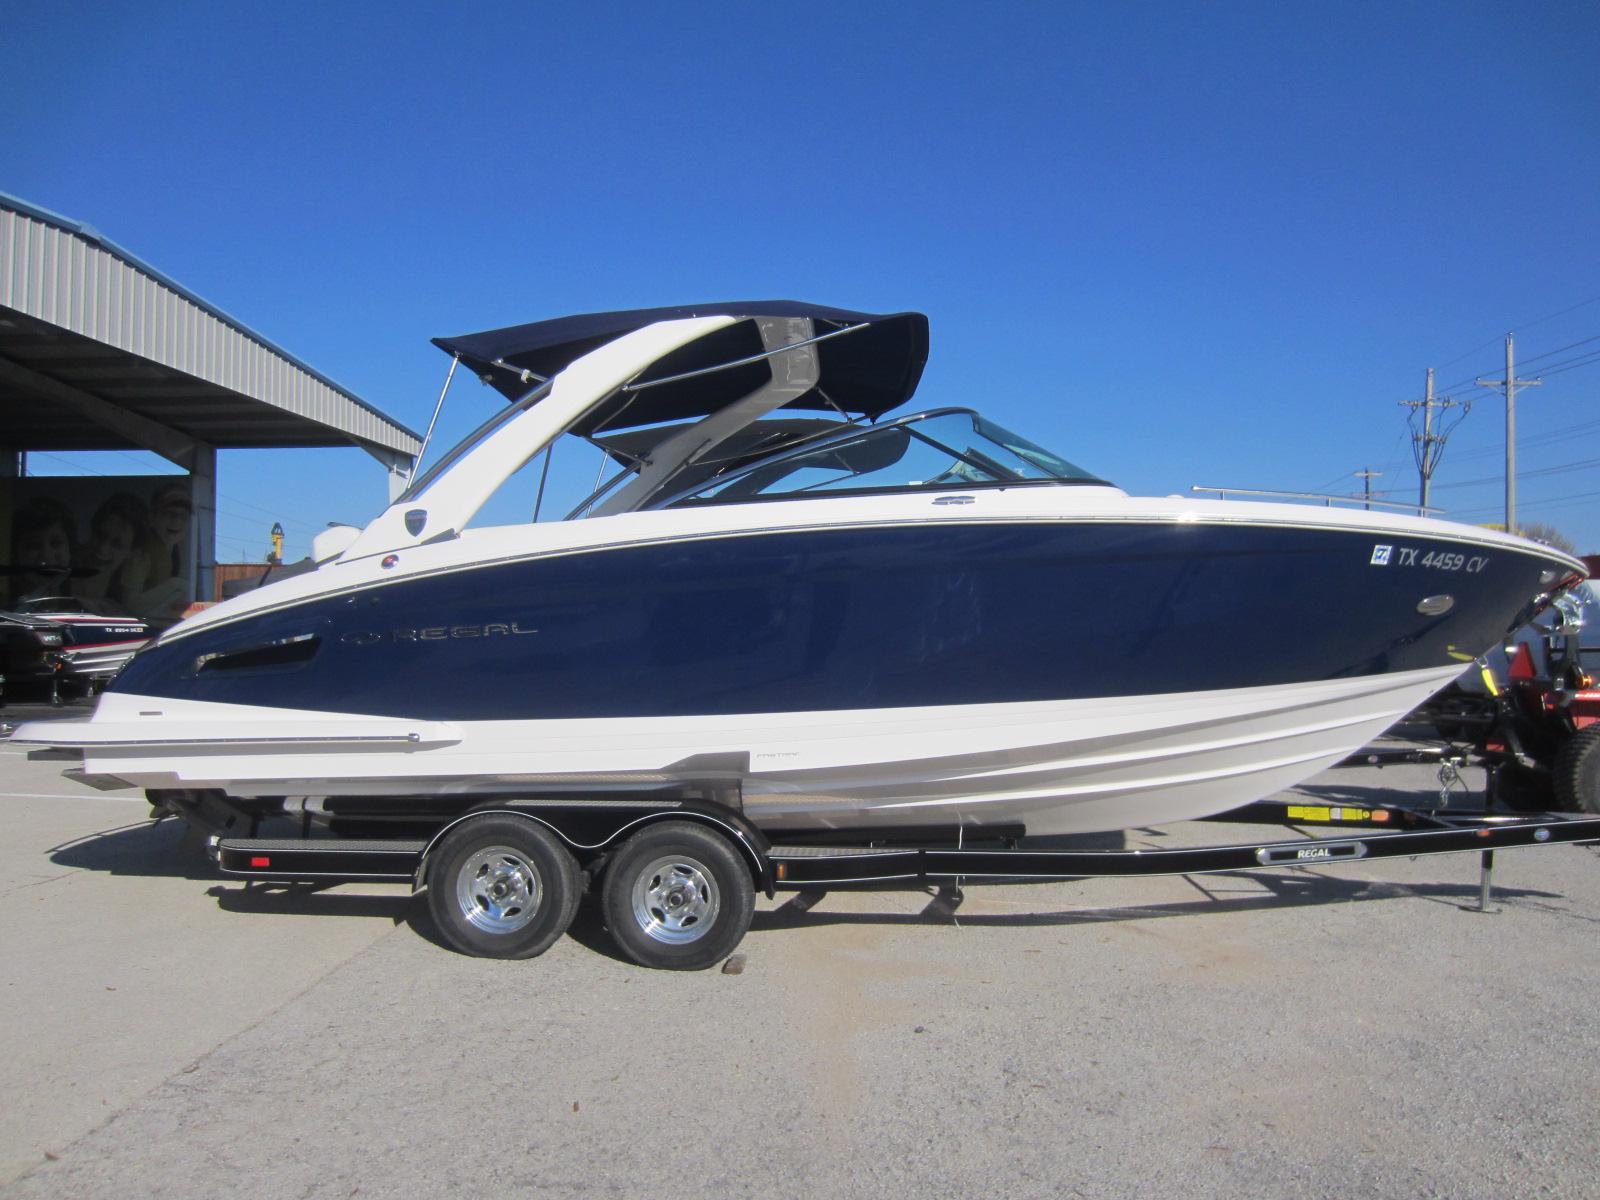 2015 Regal 2800 28 Foot 2015 Motor Boat In Lewisville Tx